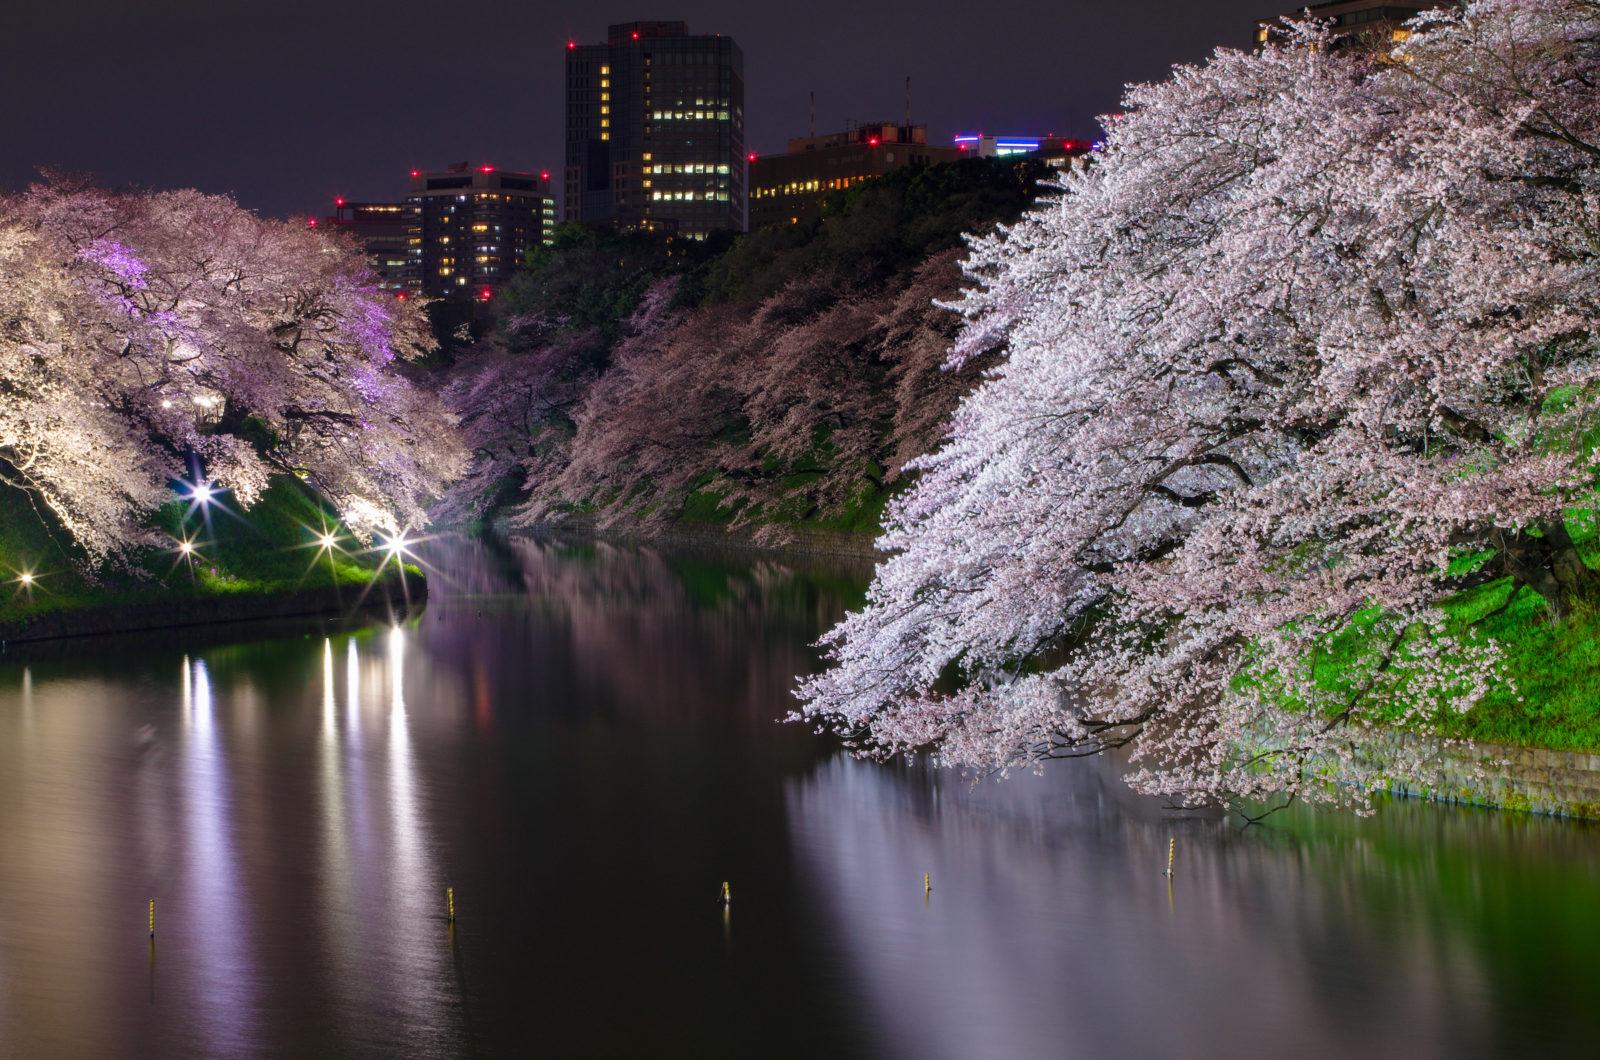 千鳥ヶ淵の桜ライトアップ2015 | PENTAX K-5IIs&FA★28-70mm